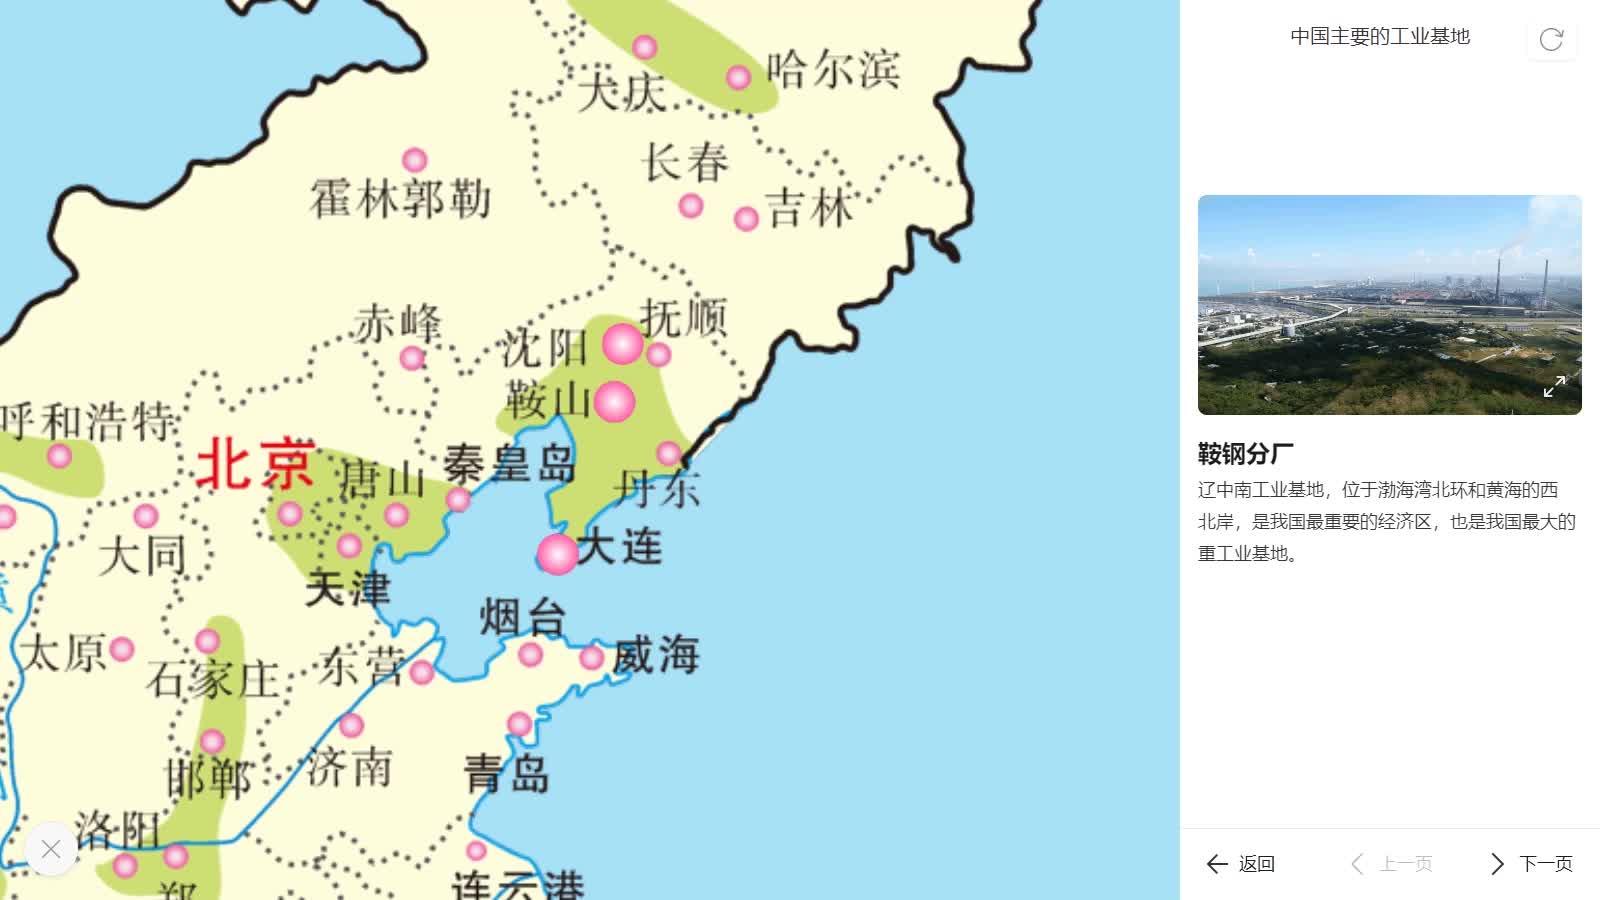 【限时免费】4.3 中国的主要工业基地-【火花学院】人教版 八年级地理上册                                                                                     [来自e网通客户端]